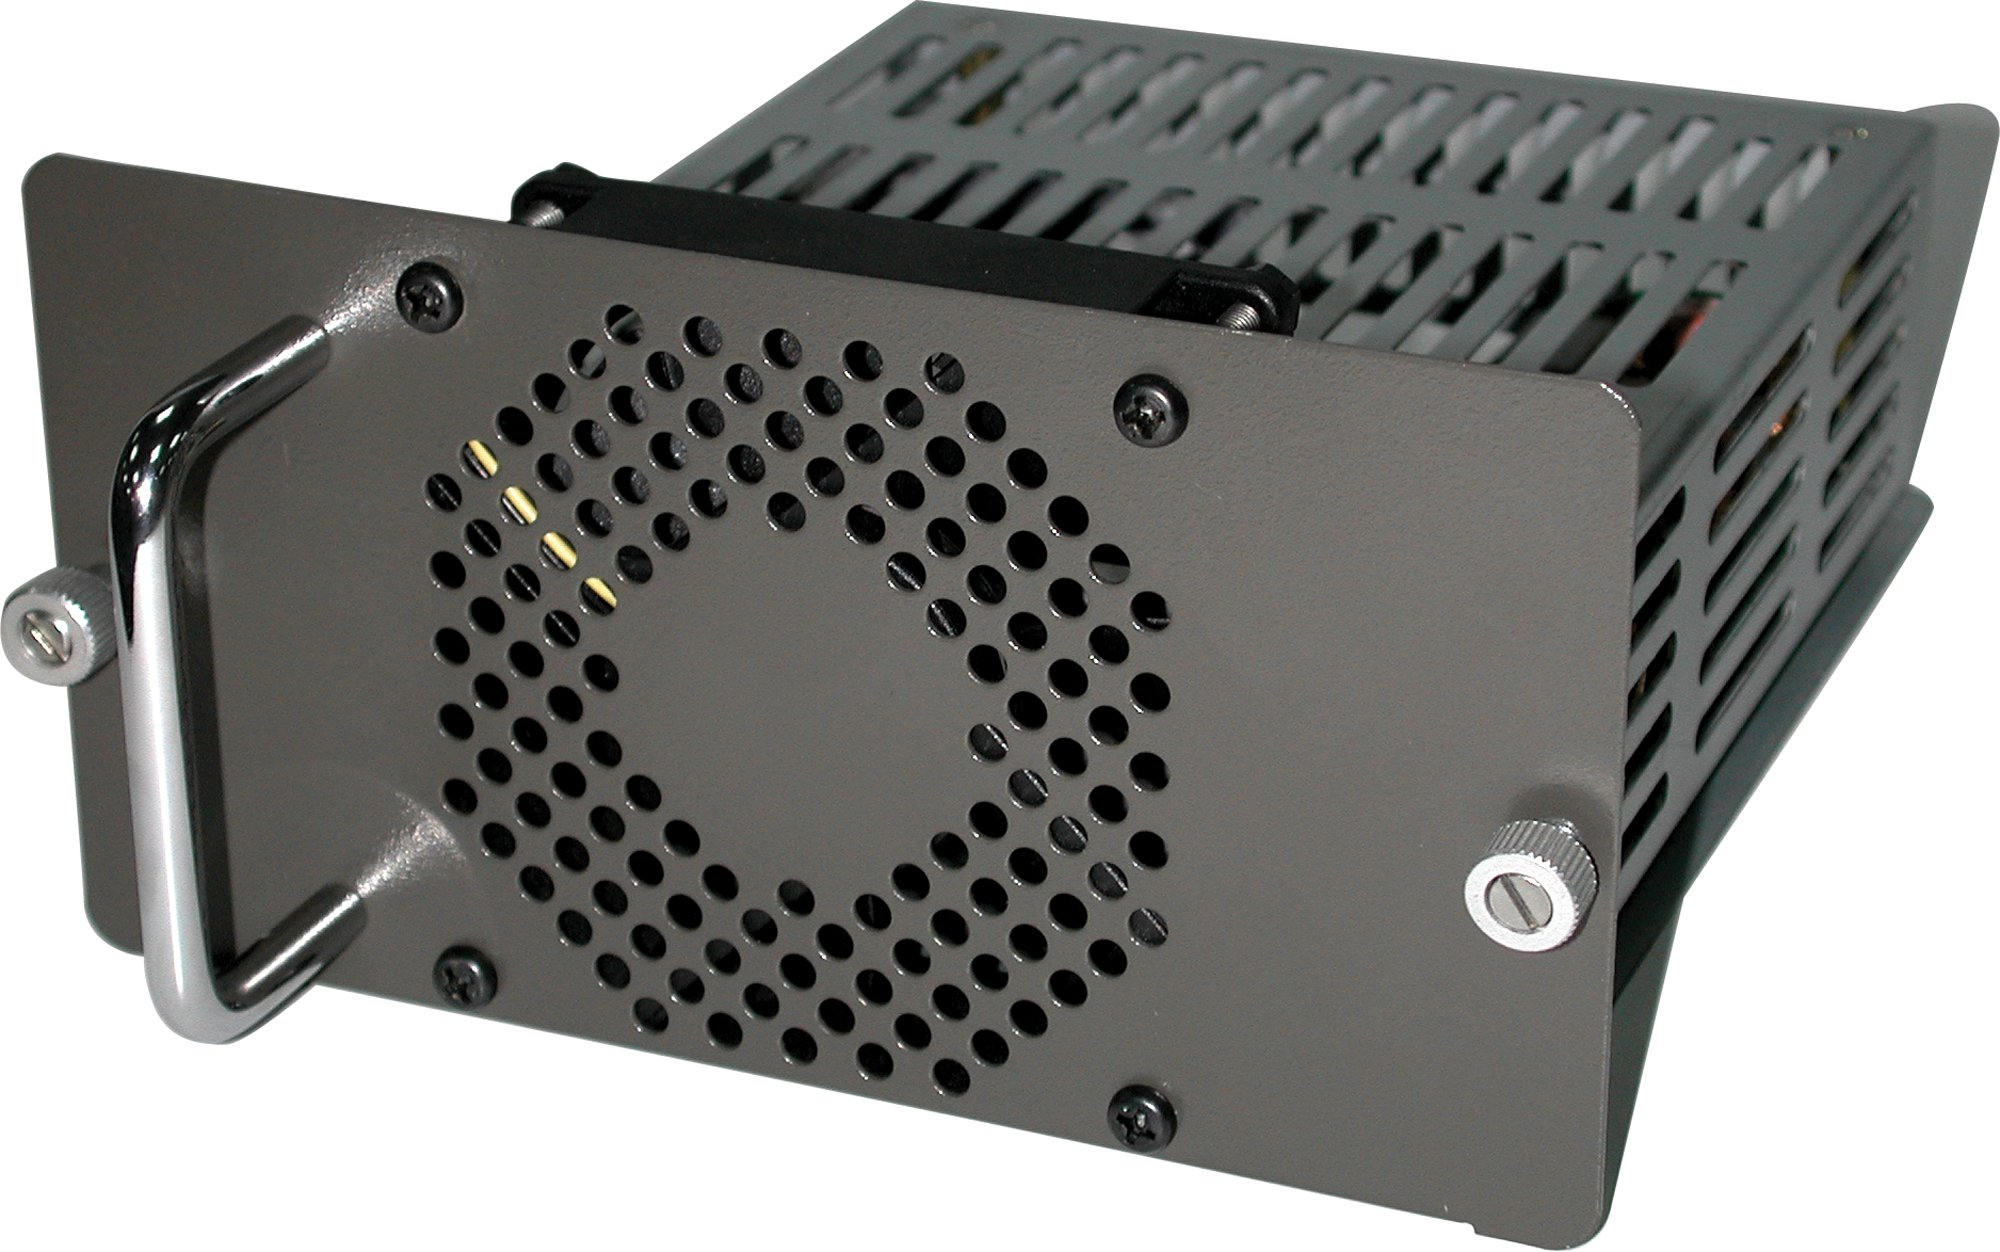 TRENDnet 100-240V Redundant Power Supply Module For TFC-1600, TFC-1600RP by TRENDnet